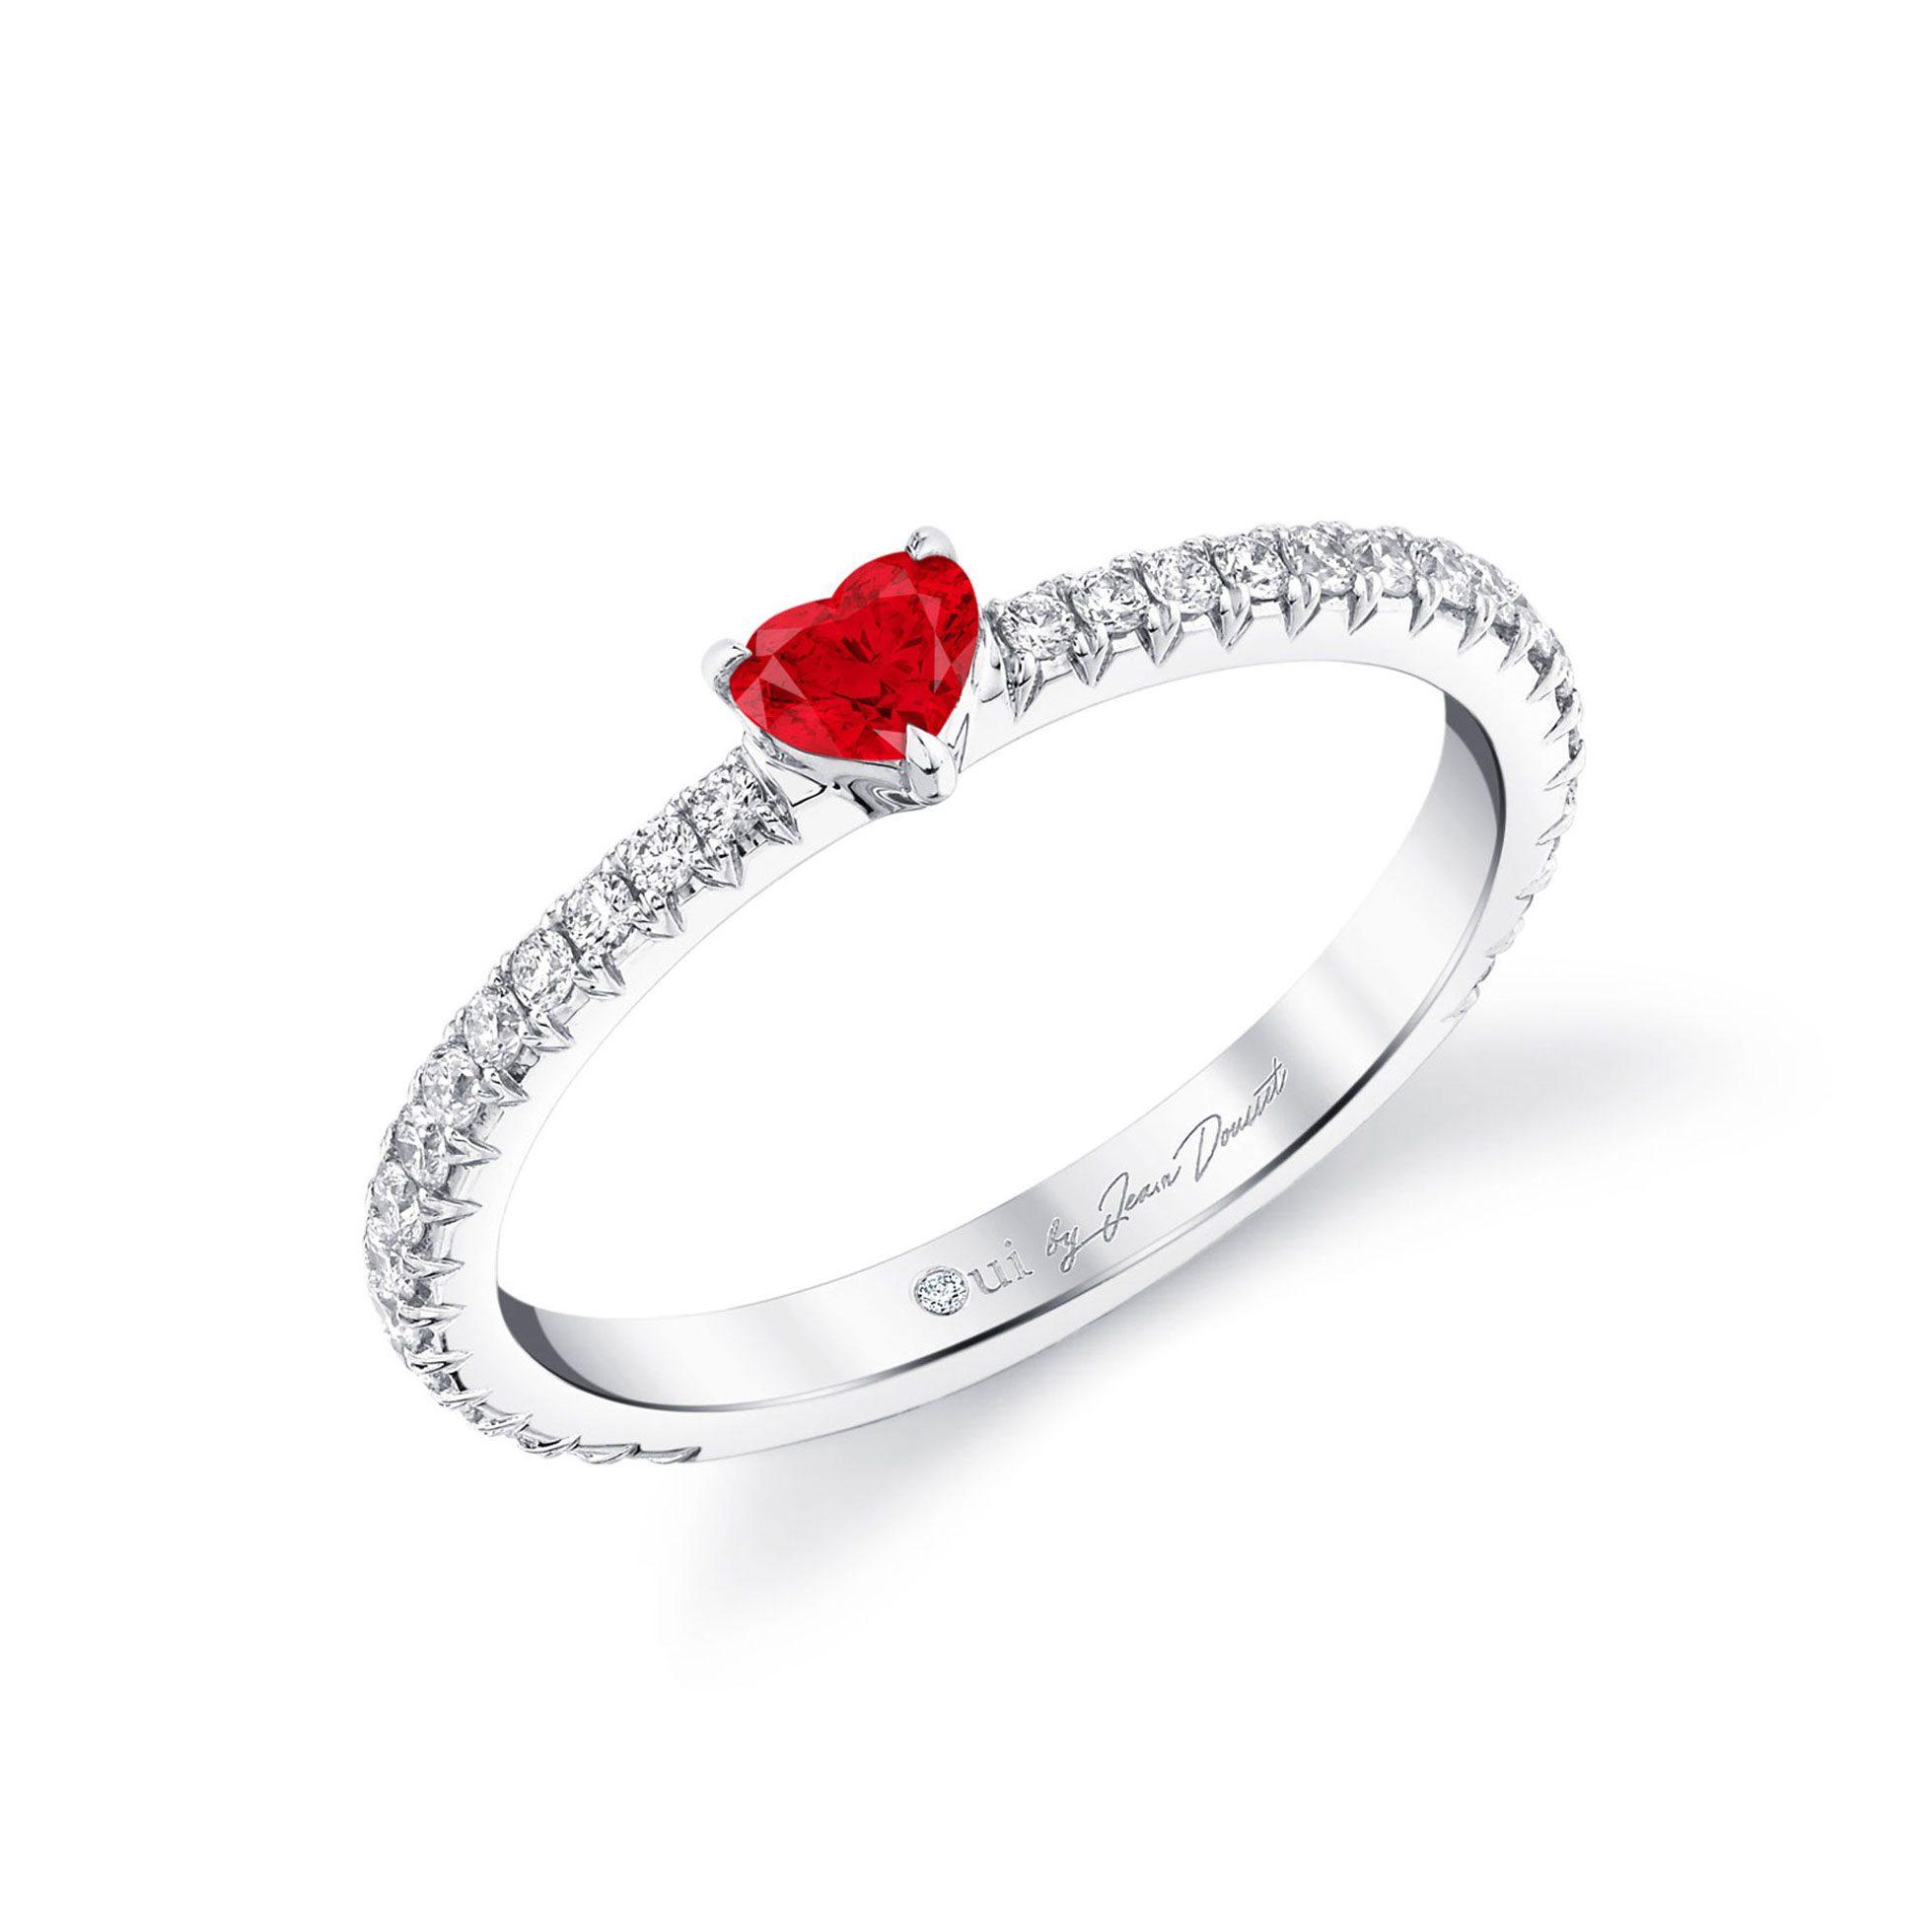 La Petite Heart Ruby Ring diamond pavé band in 18k White Gold Profile View by Oui by Jean Dousset